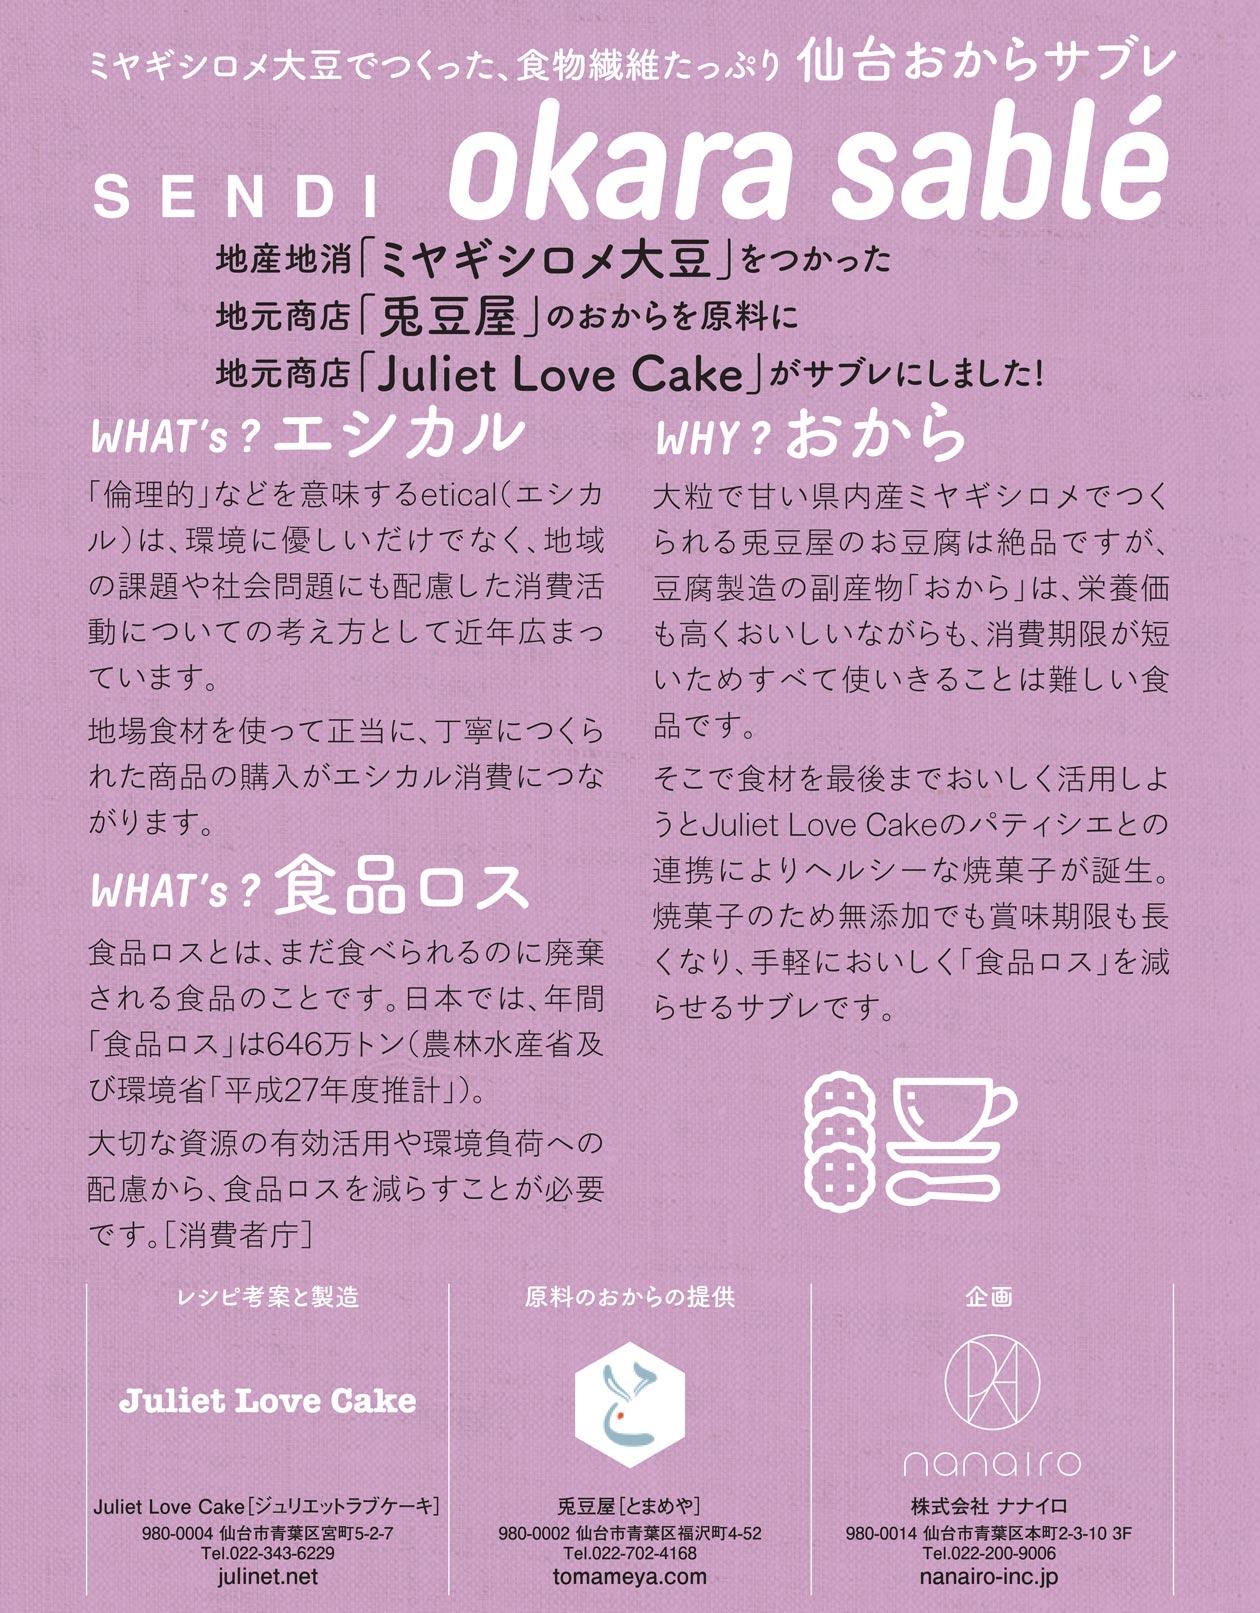 仙台おからサブレ[sendai okara sable]